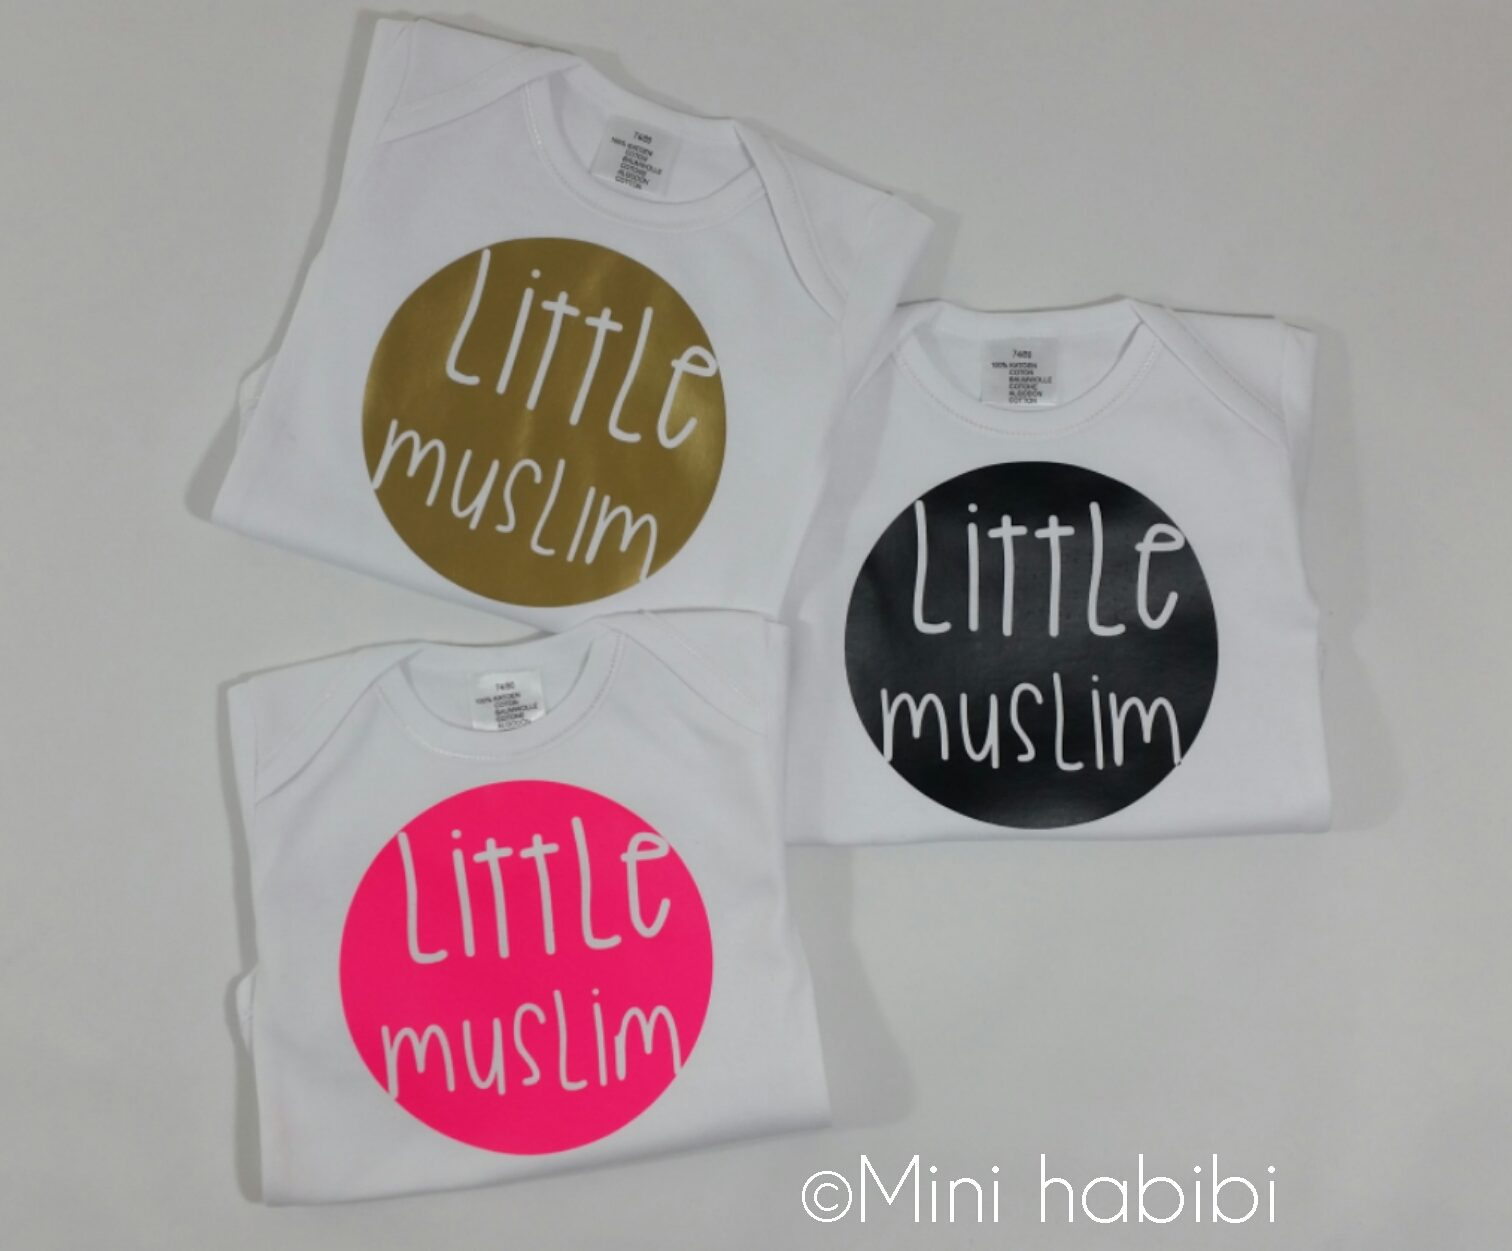 little-muslim-rond